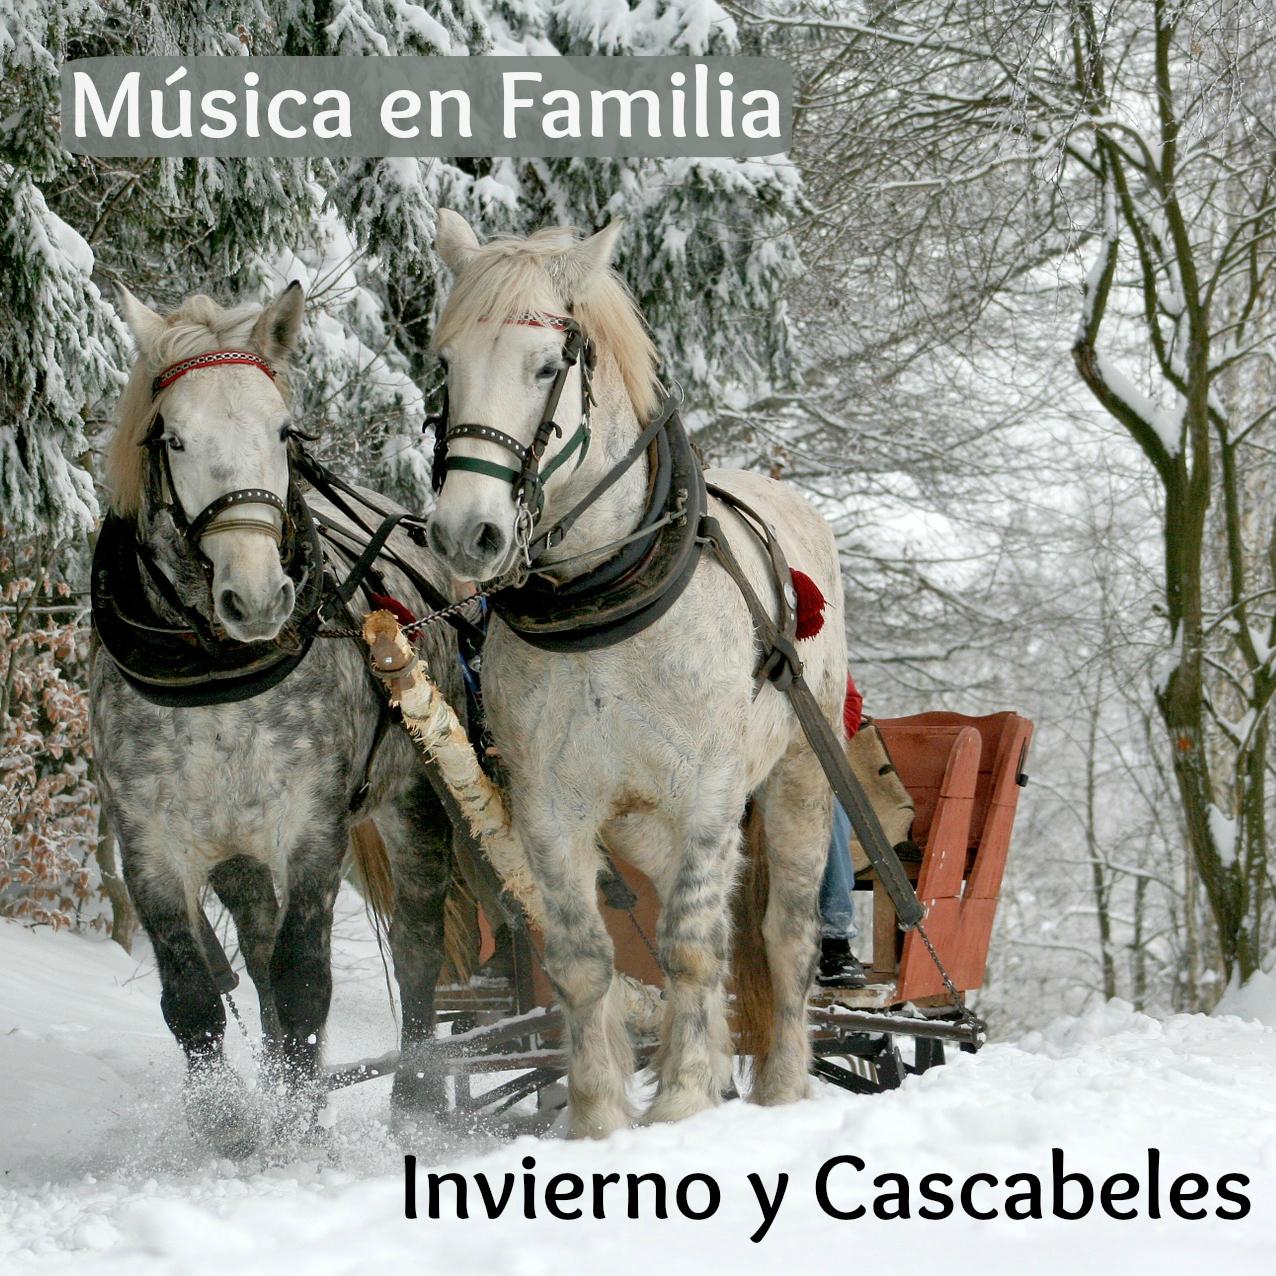 Invierno y Cascabeles. Programa #3 Música en Familia en Clásica FM radio